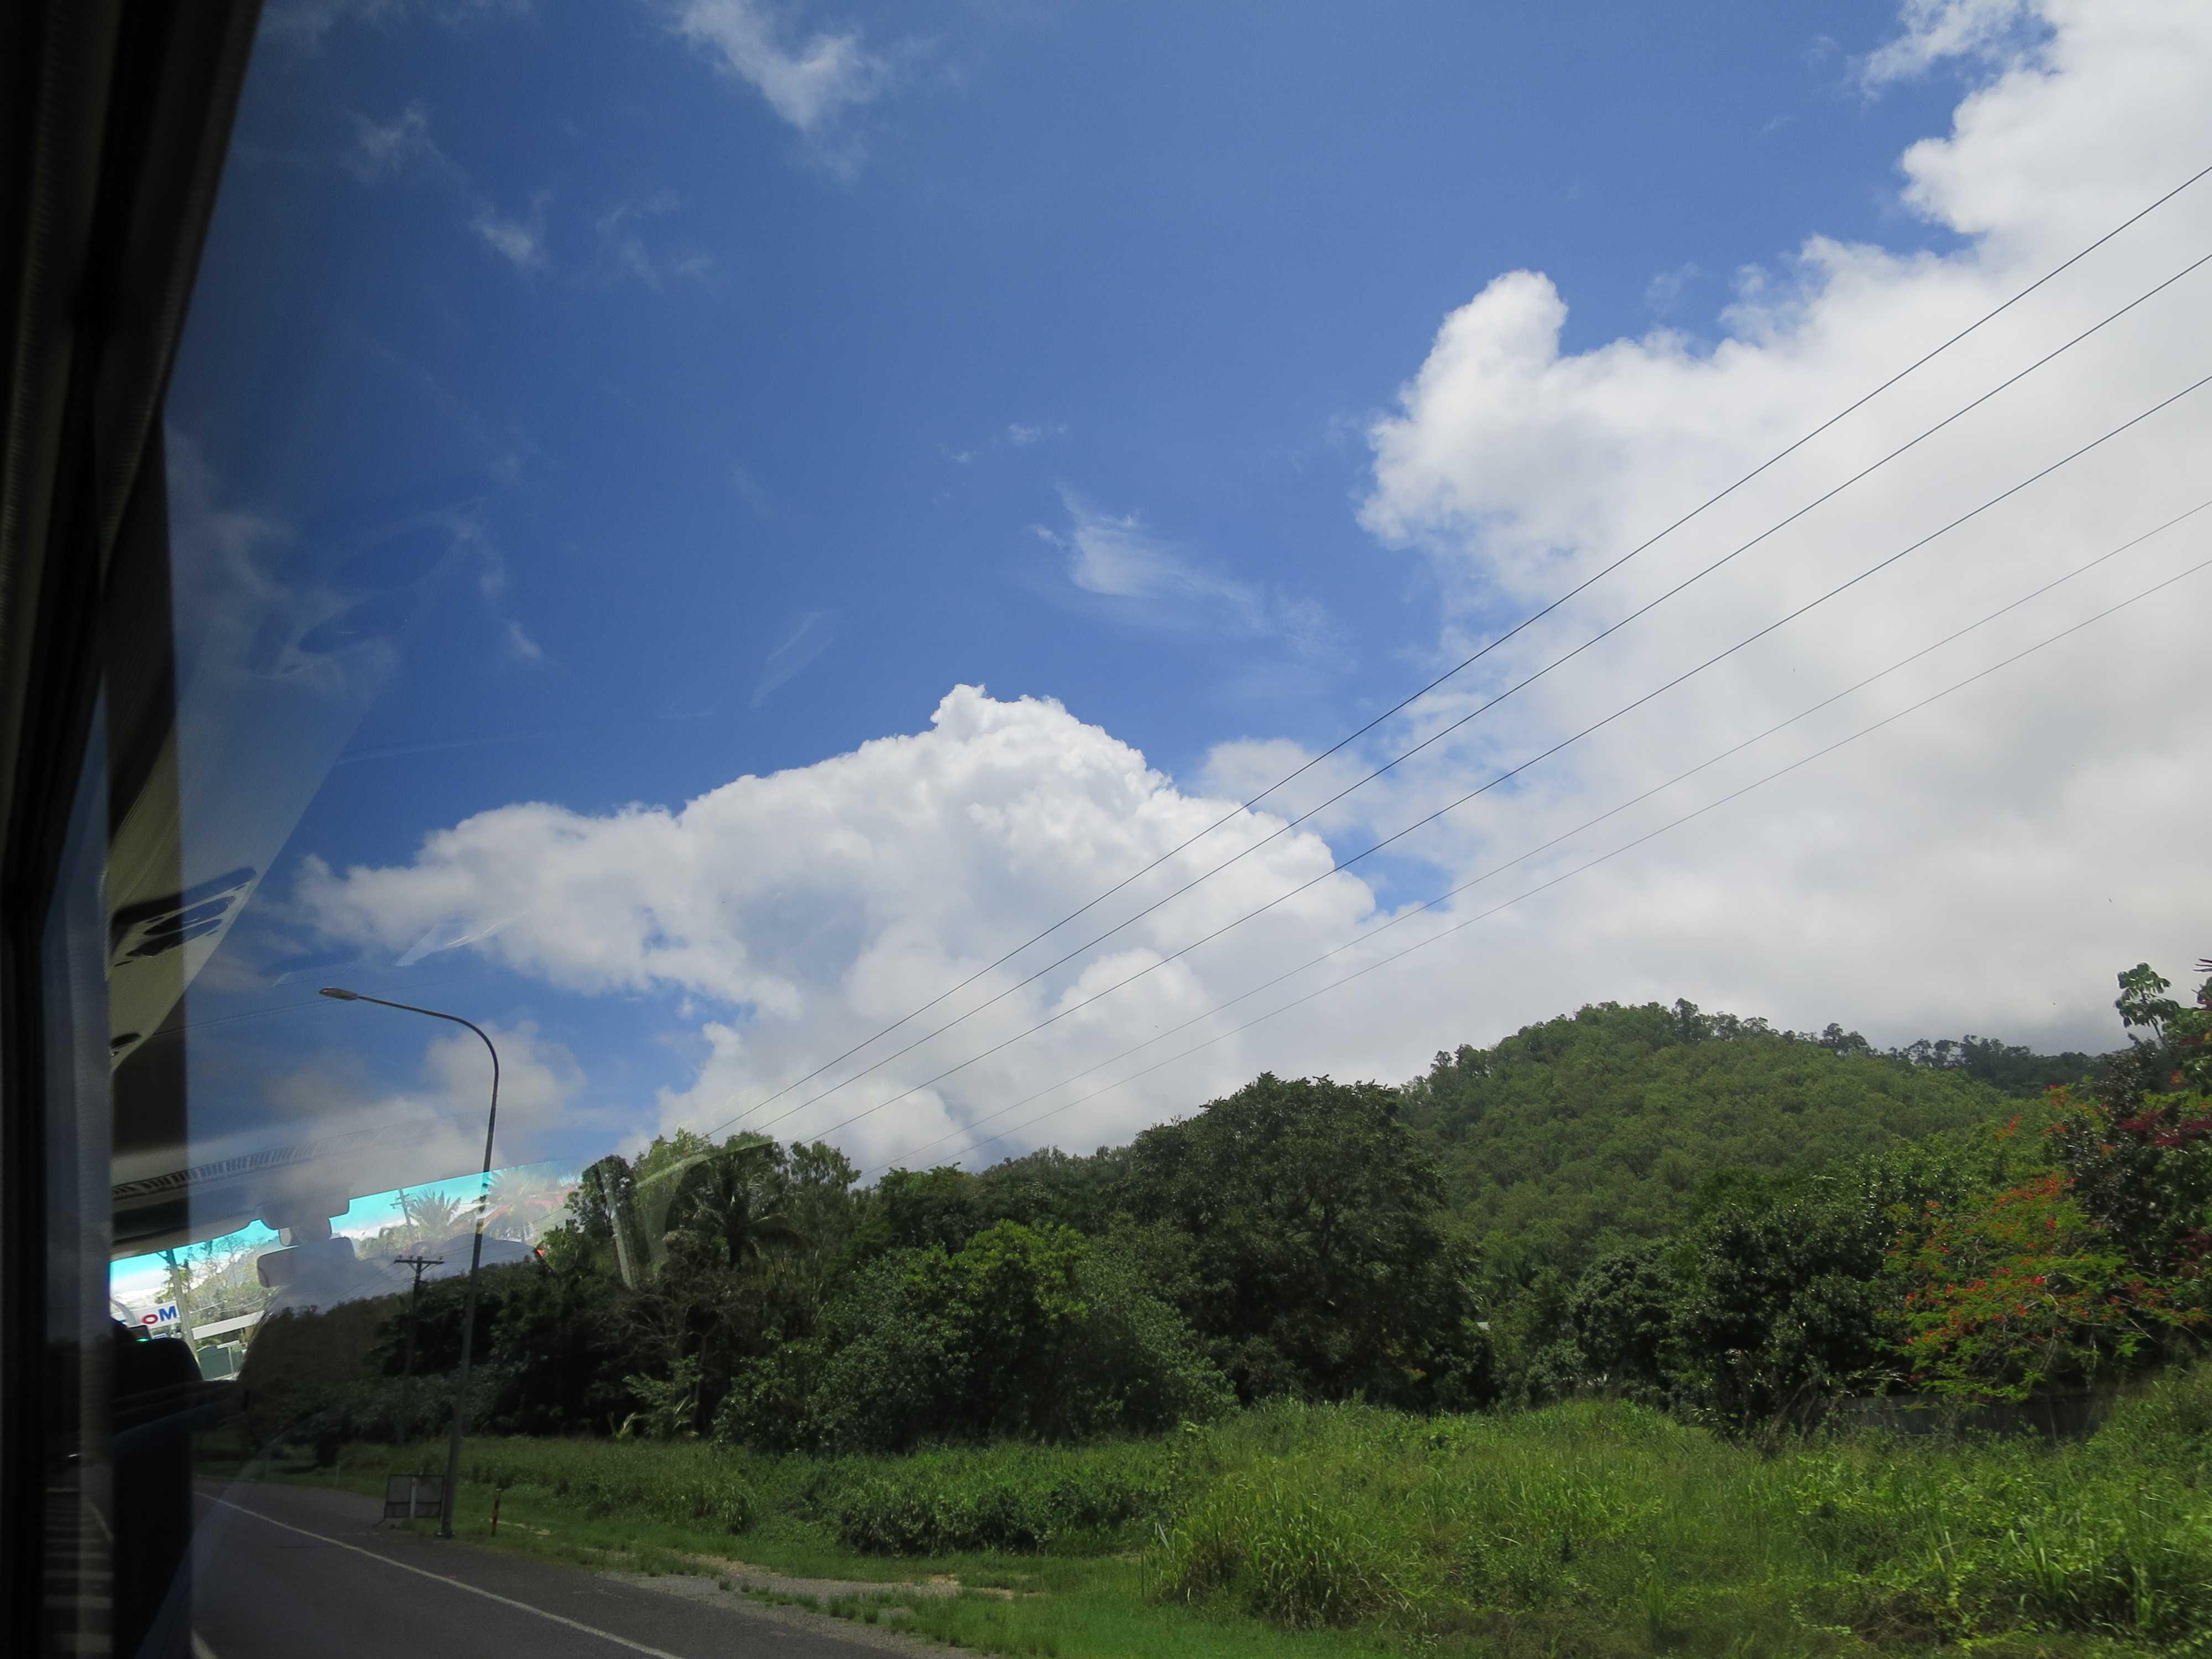 ケアンズ郊外の青い空と白い雲